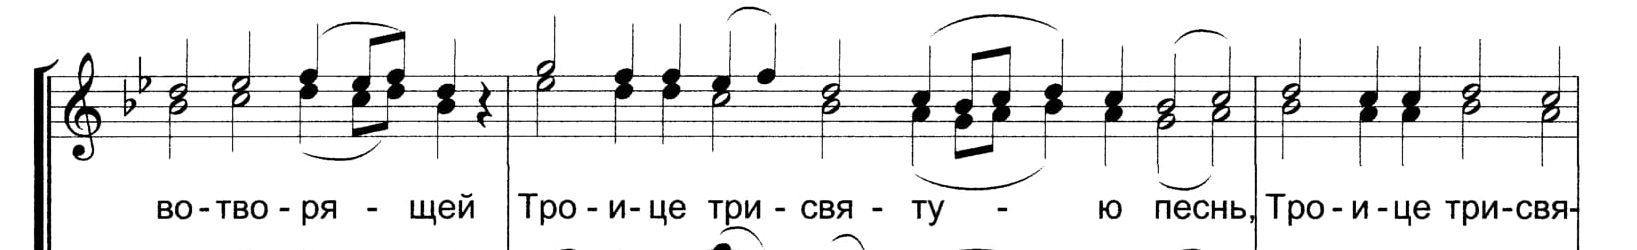 Херувимская песнь. Соловьев